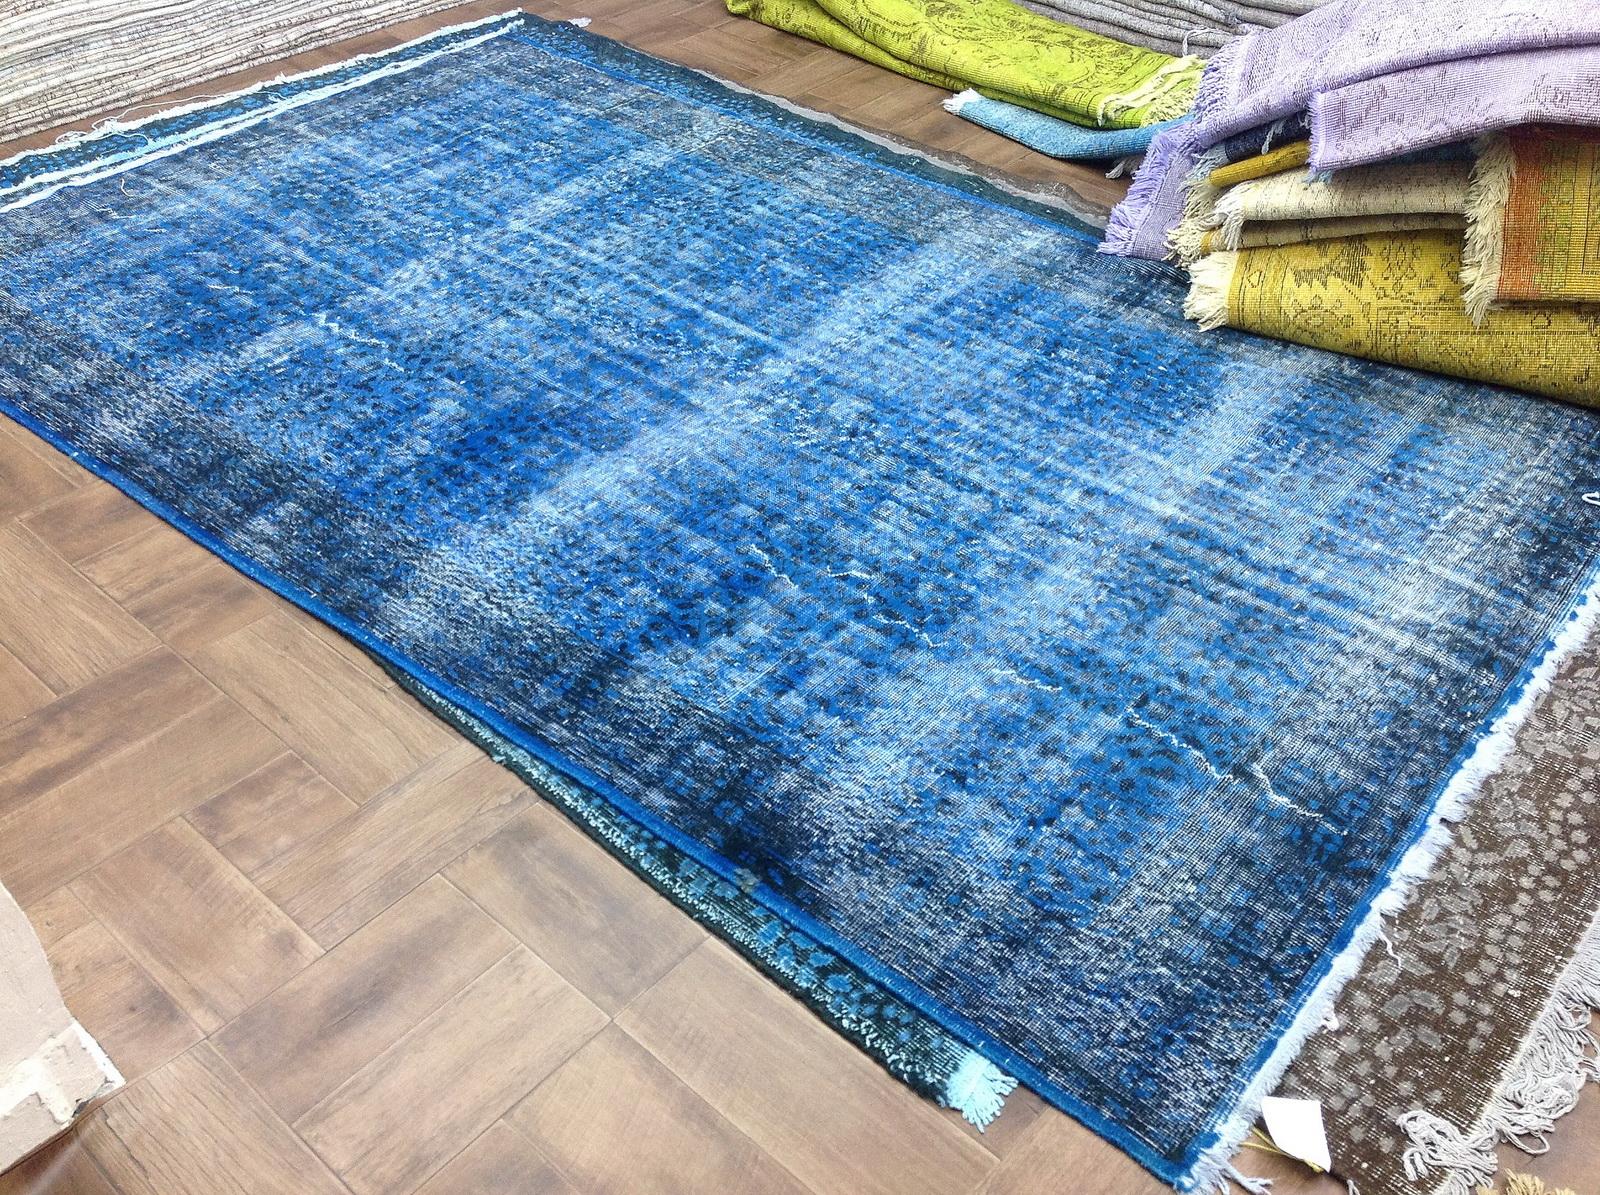 Blauw vintage tapijt no 3544 (280cm x 167cm)  Dit kleed ligt bij Silo 6 in Harderwijk u kunt het wel online bij ons bestellen.